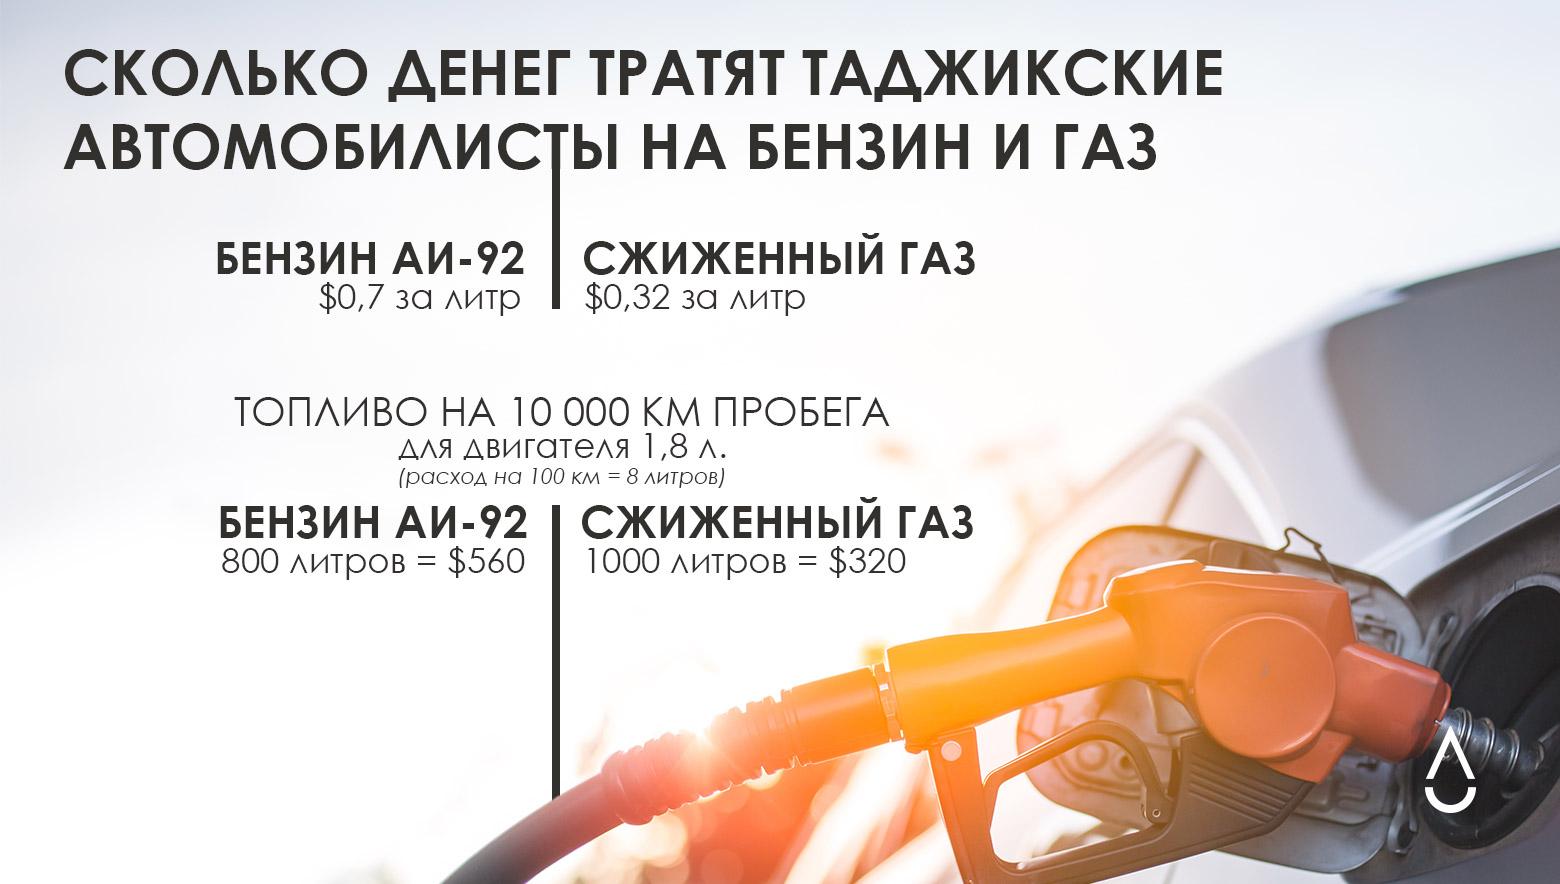 Сколько денег экономят таджикские автомобилисты, которые перешли на газ